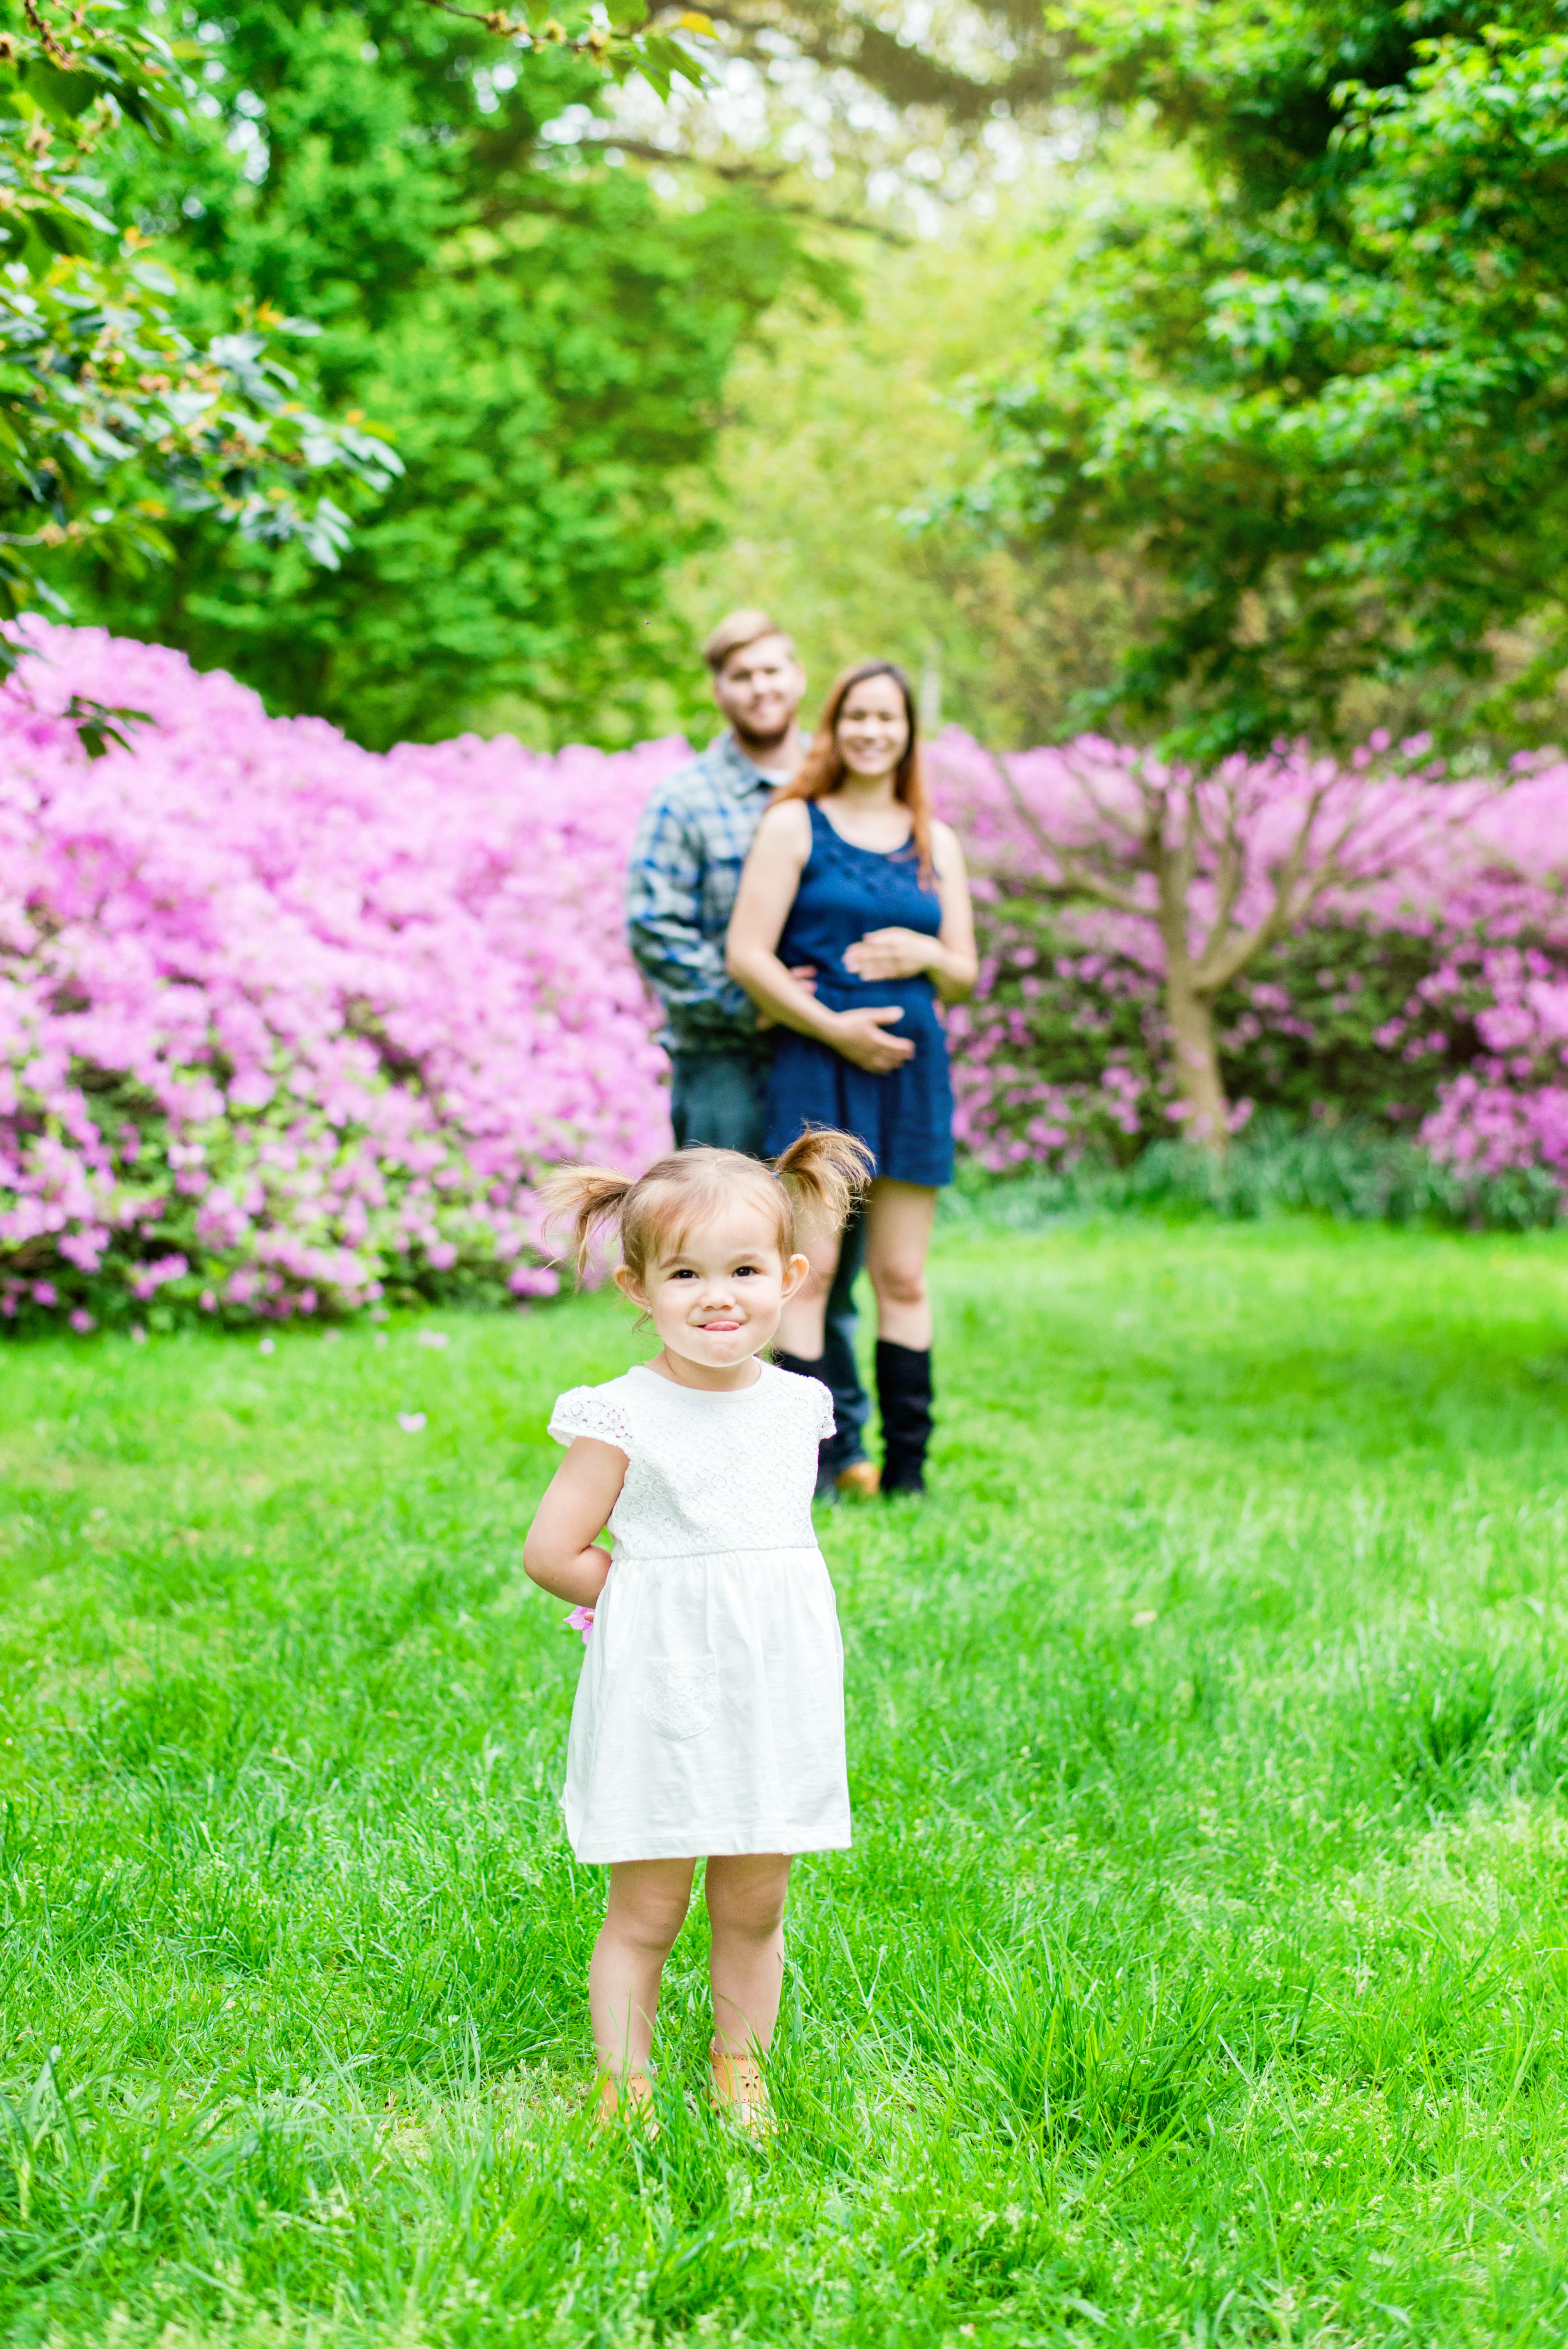 Family_Maternity_Pregnancy_ Reveal_Portrait_Session_Andrea_Krout_Photography_Morris_Arboretum-15